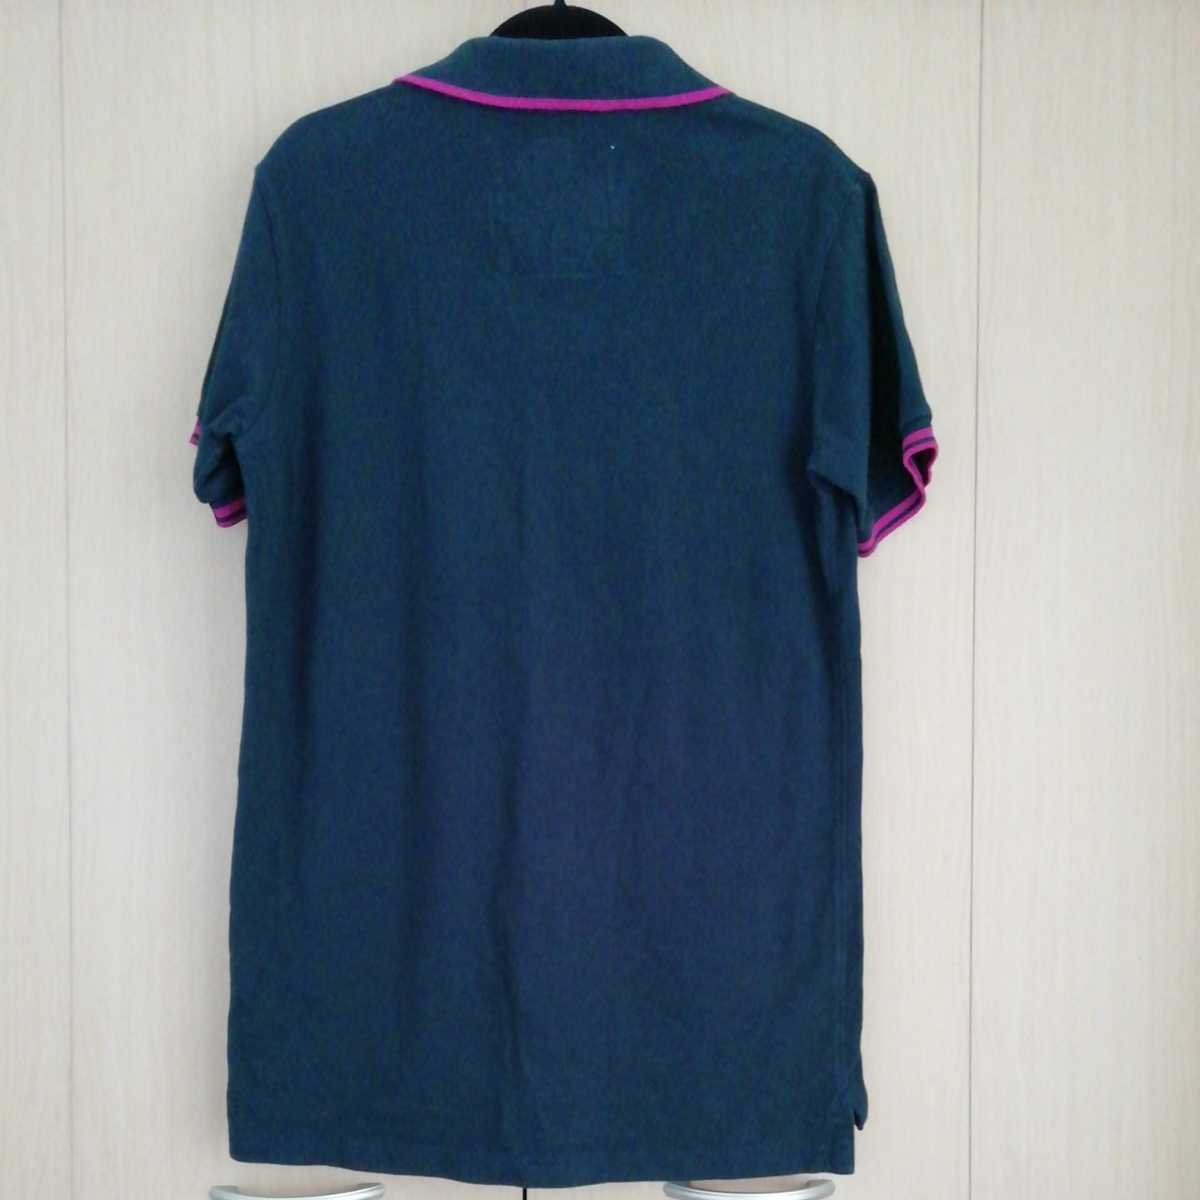 アバクロンビー&フィッチ 半袖ポロシャツ L ネイビー